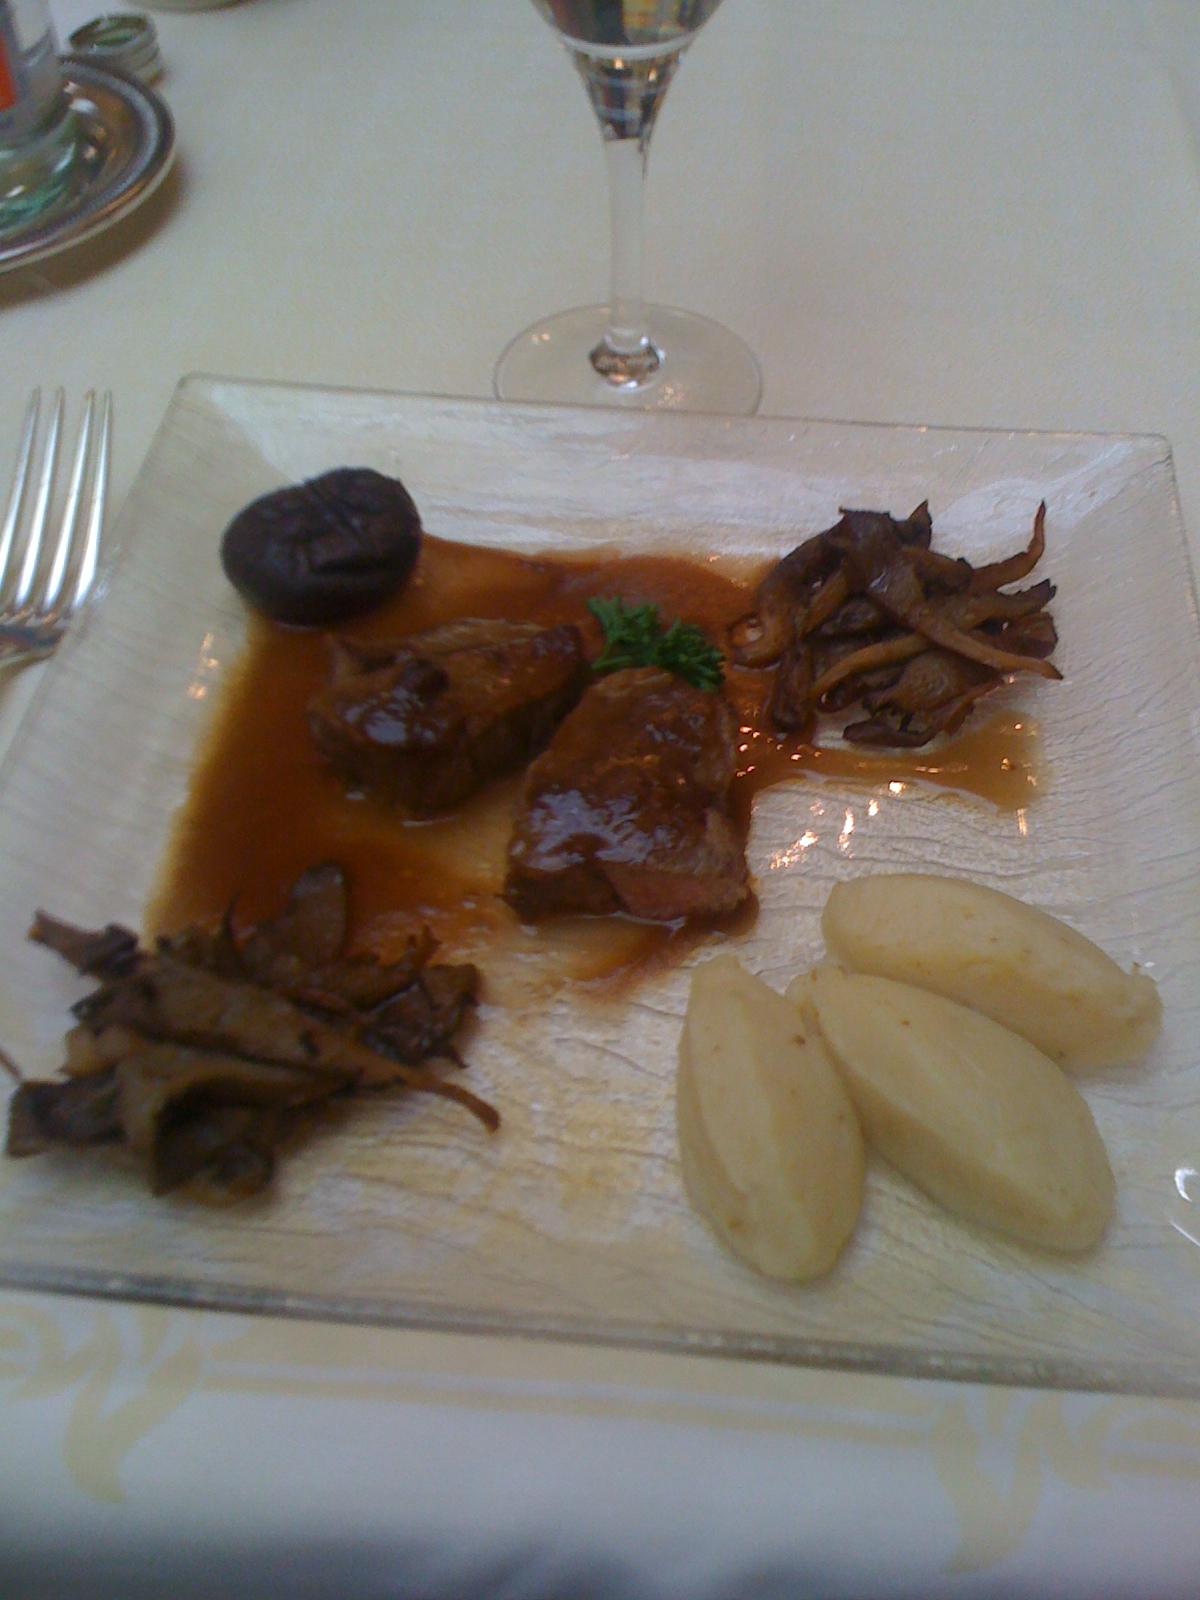 Filet mignon de veau, champignon et purée de célerie